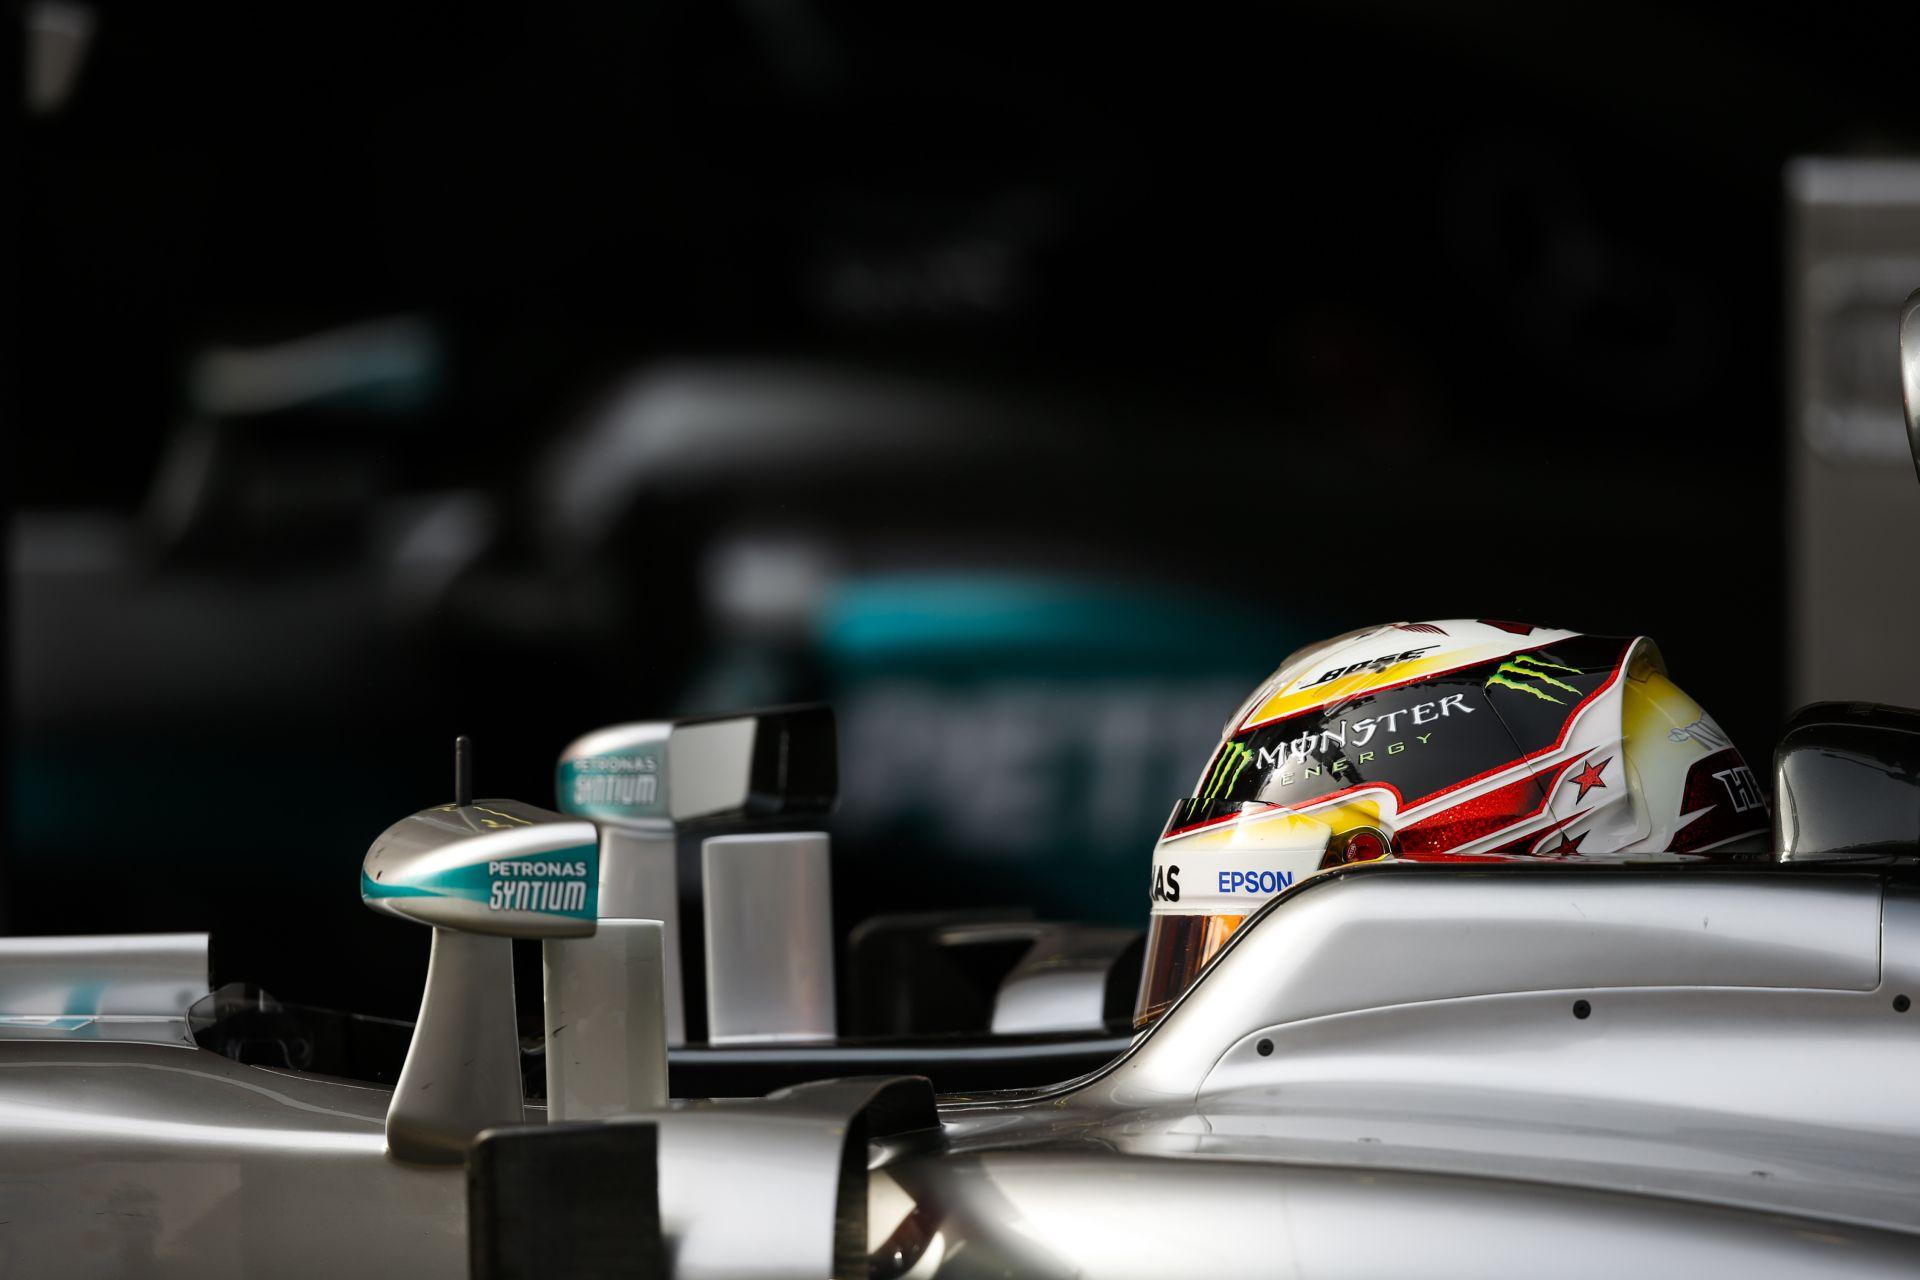 Rengetegen szívják Hamilton vérét, pedig ő az F1 médiaarca: irány Amerika!